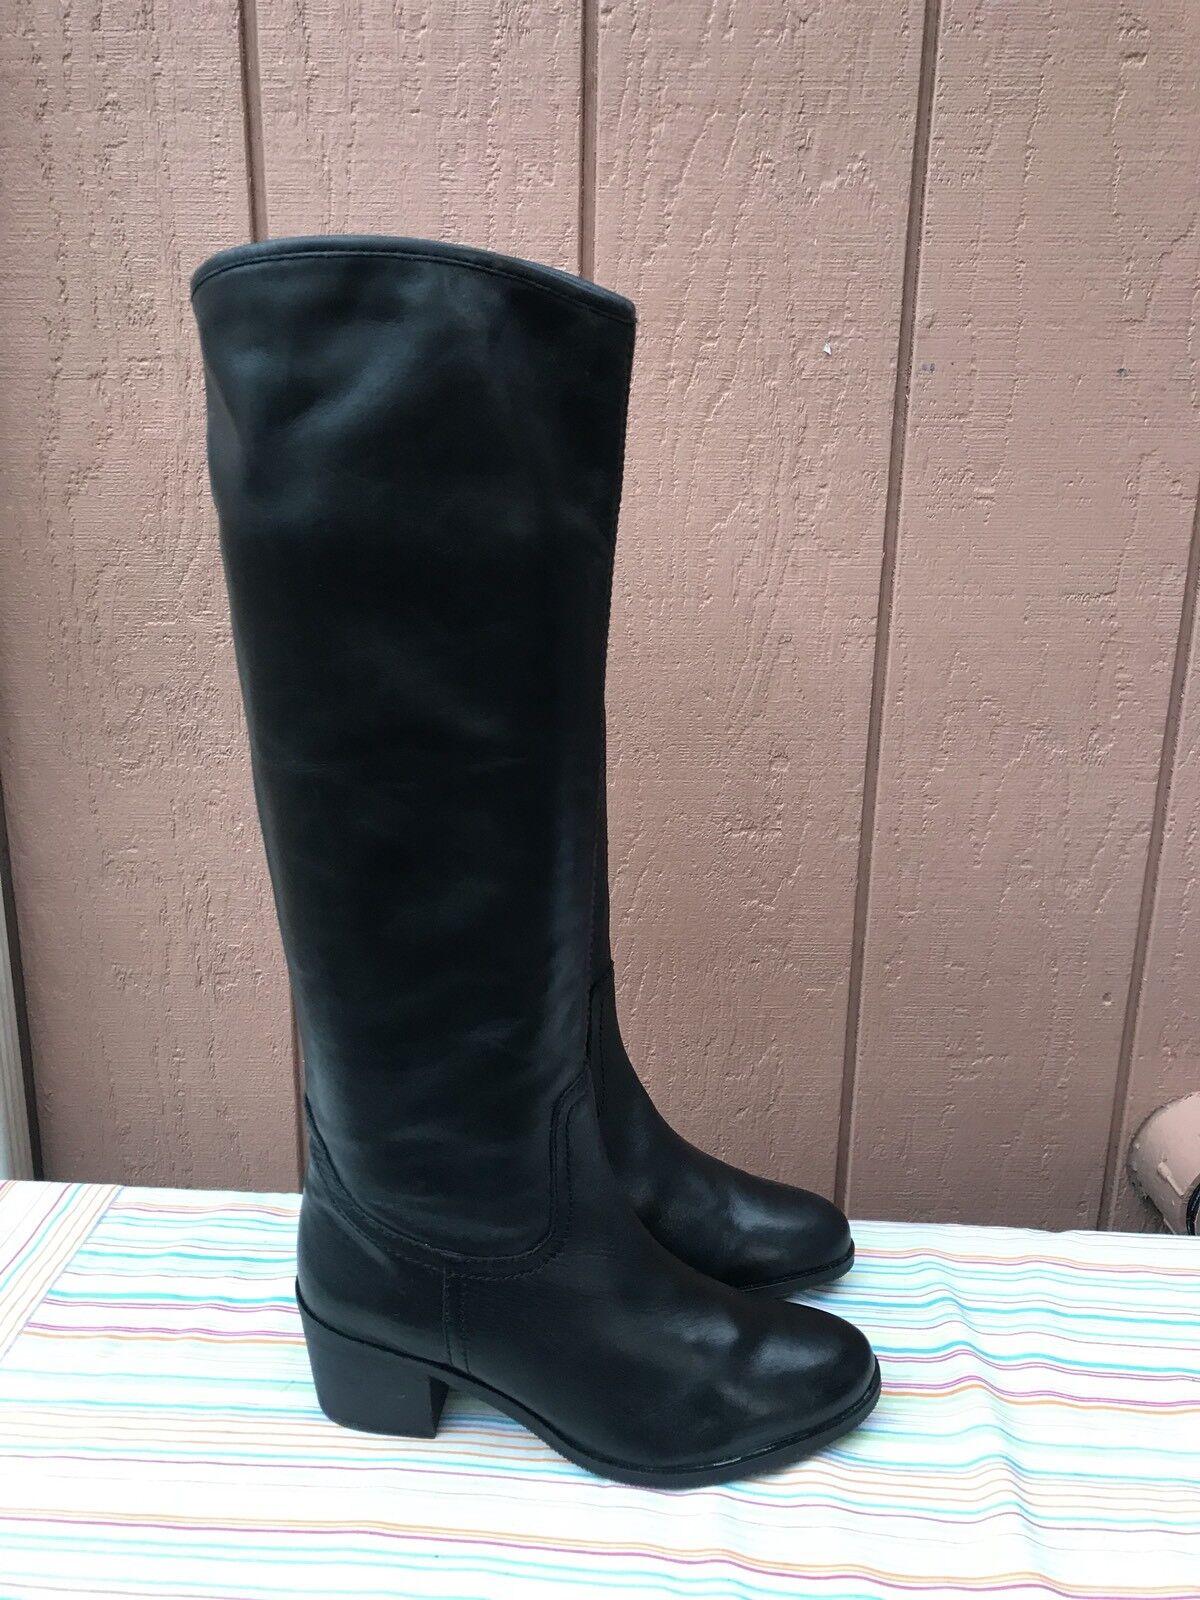 Nuevo Sam Edelman Loren Mujer Talle Us Us Us 7.5 M de Carbono Cuero Negro botas Hasta La Rodilla  apresurado a ver